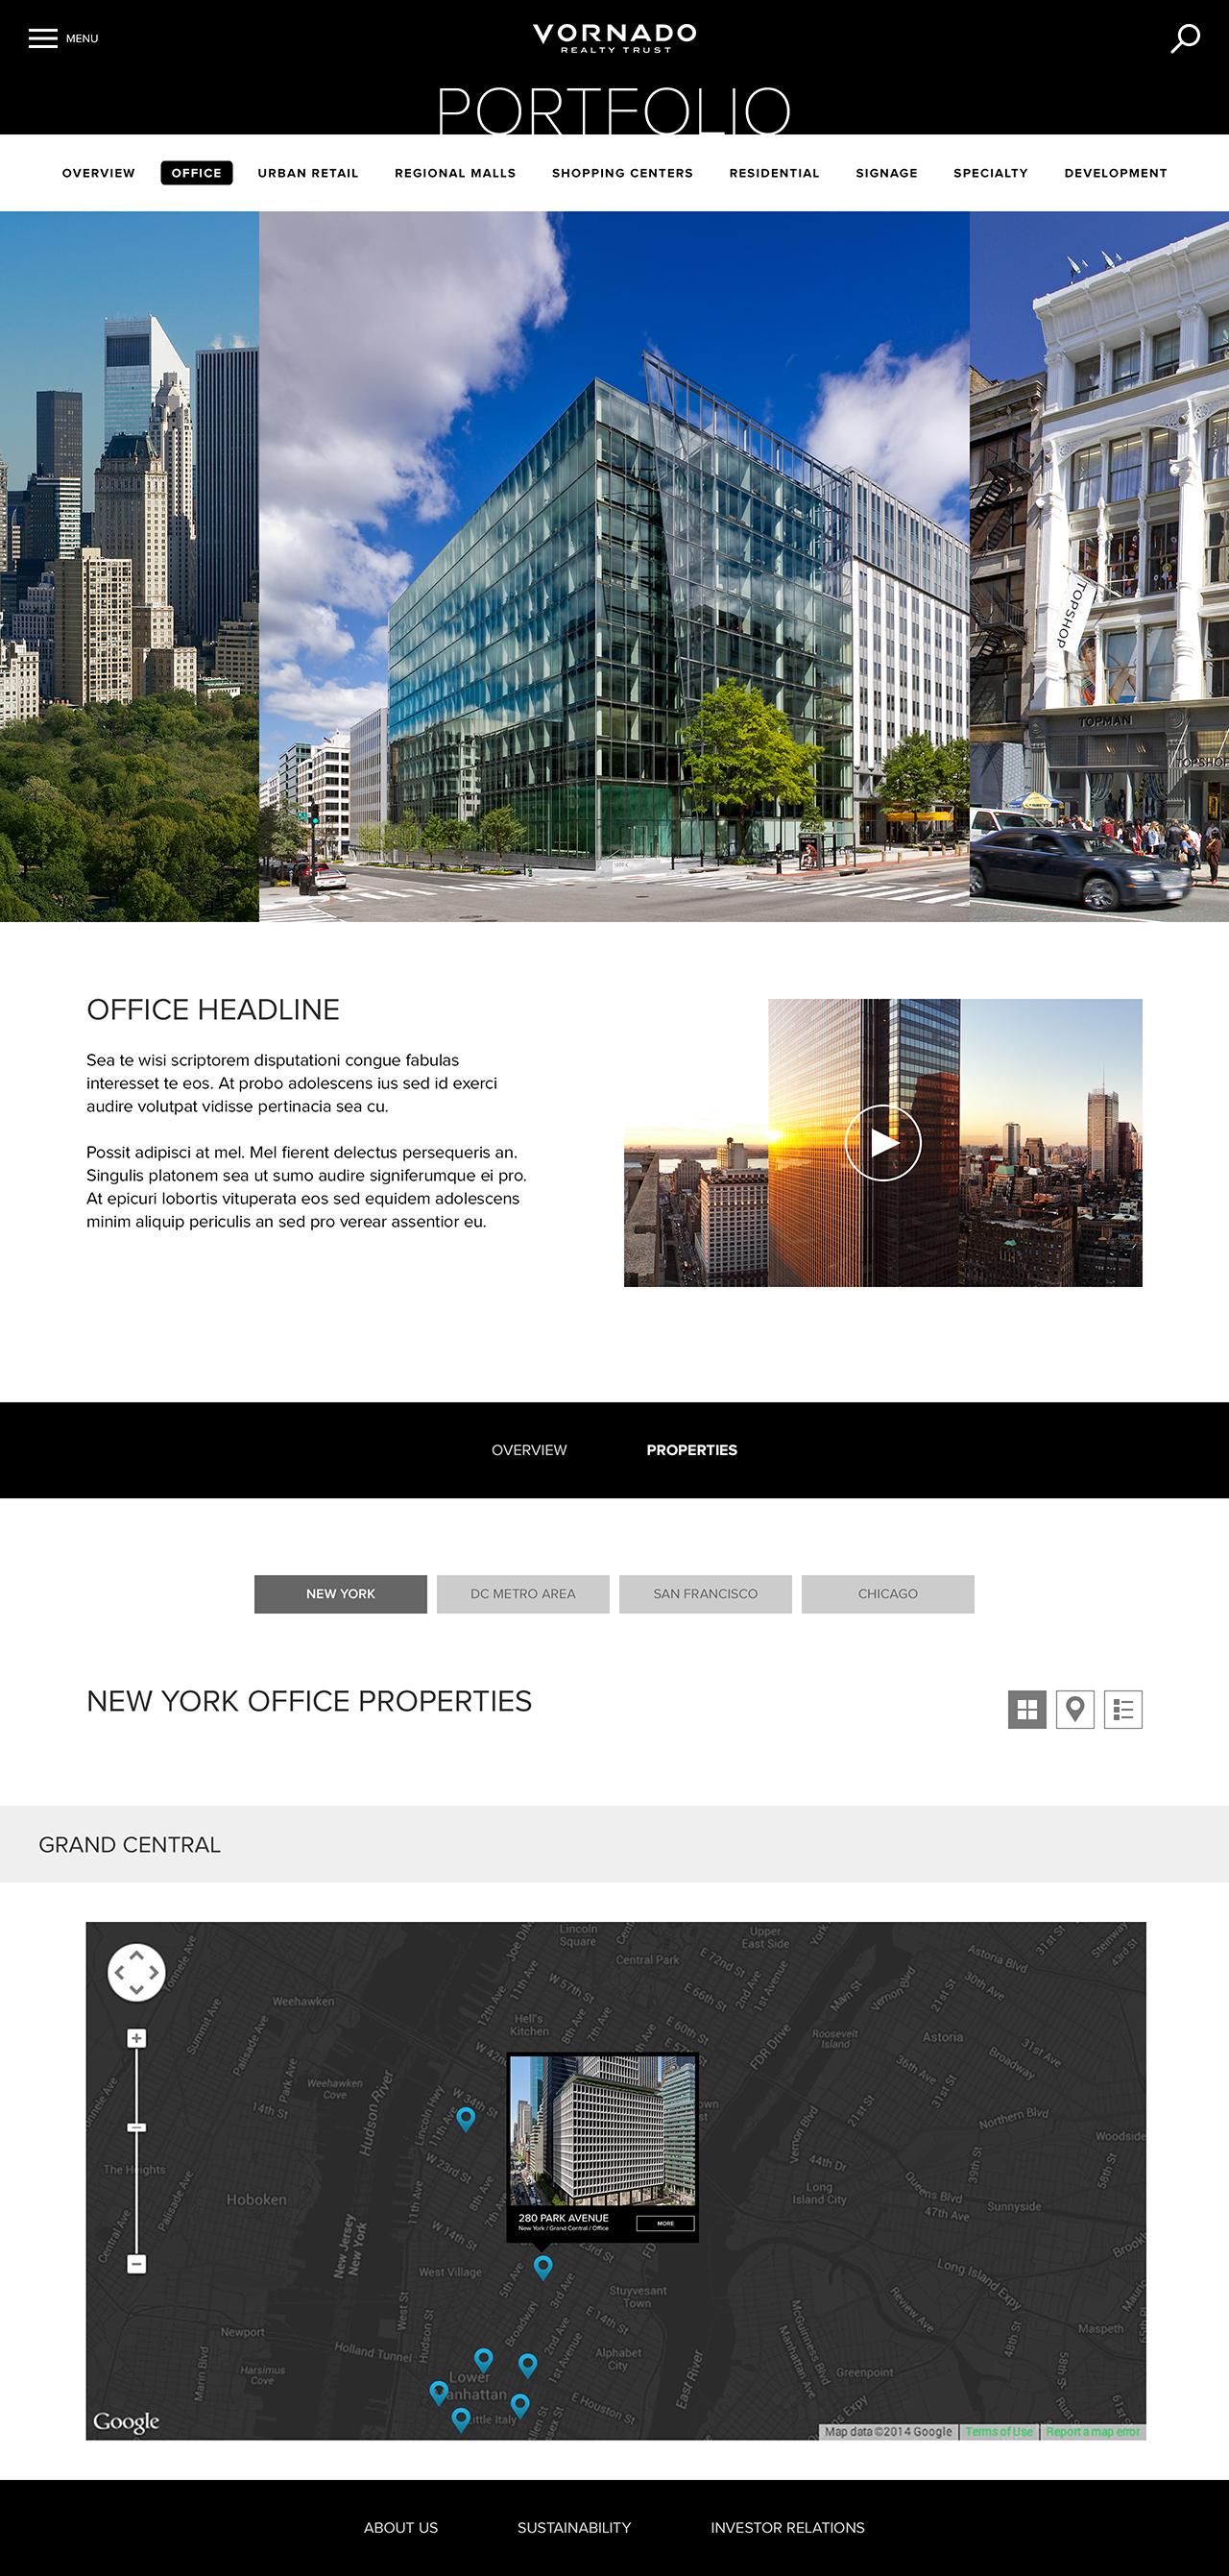 VNO_Portfolio_Office_Properties_NewYork_Map_v3.jpg